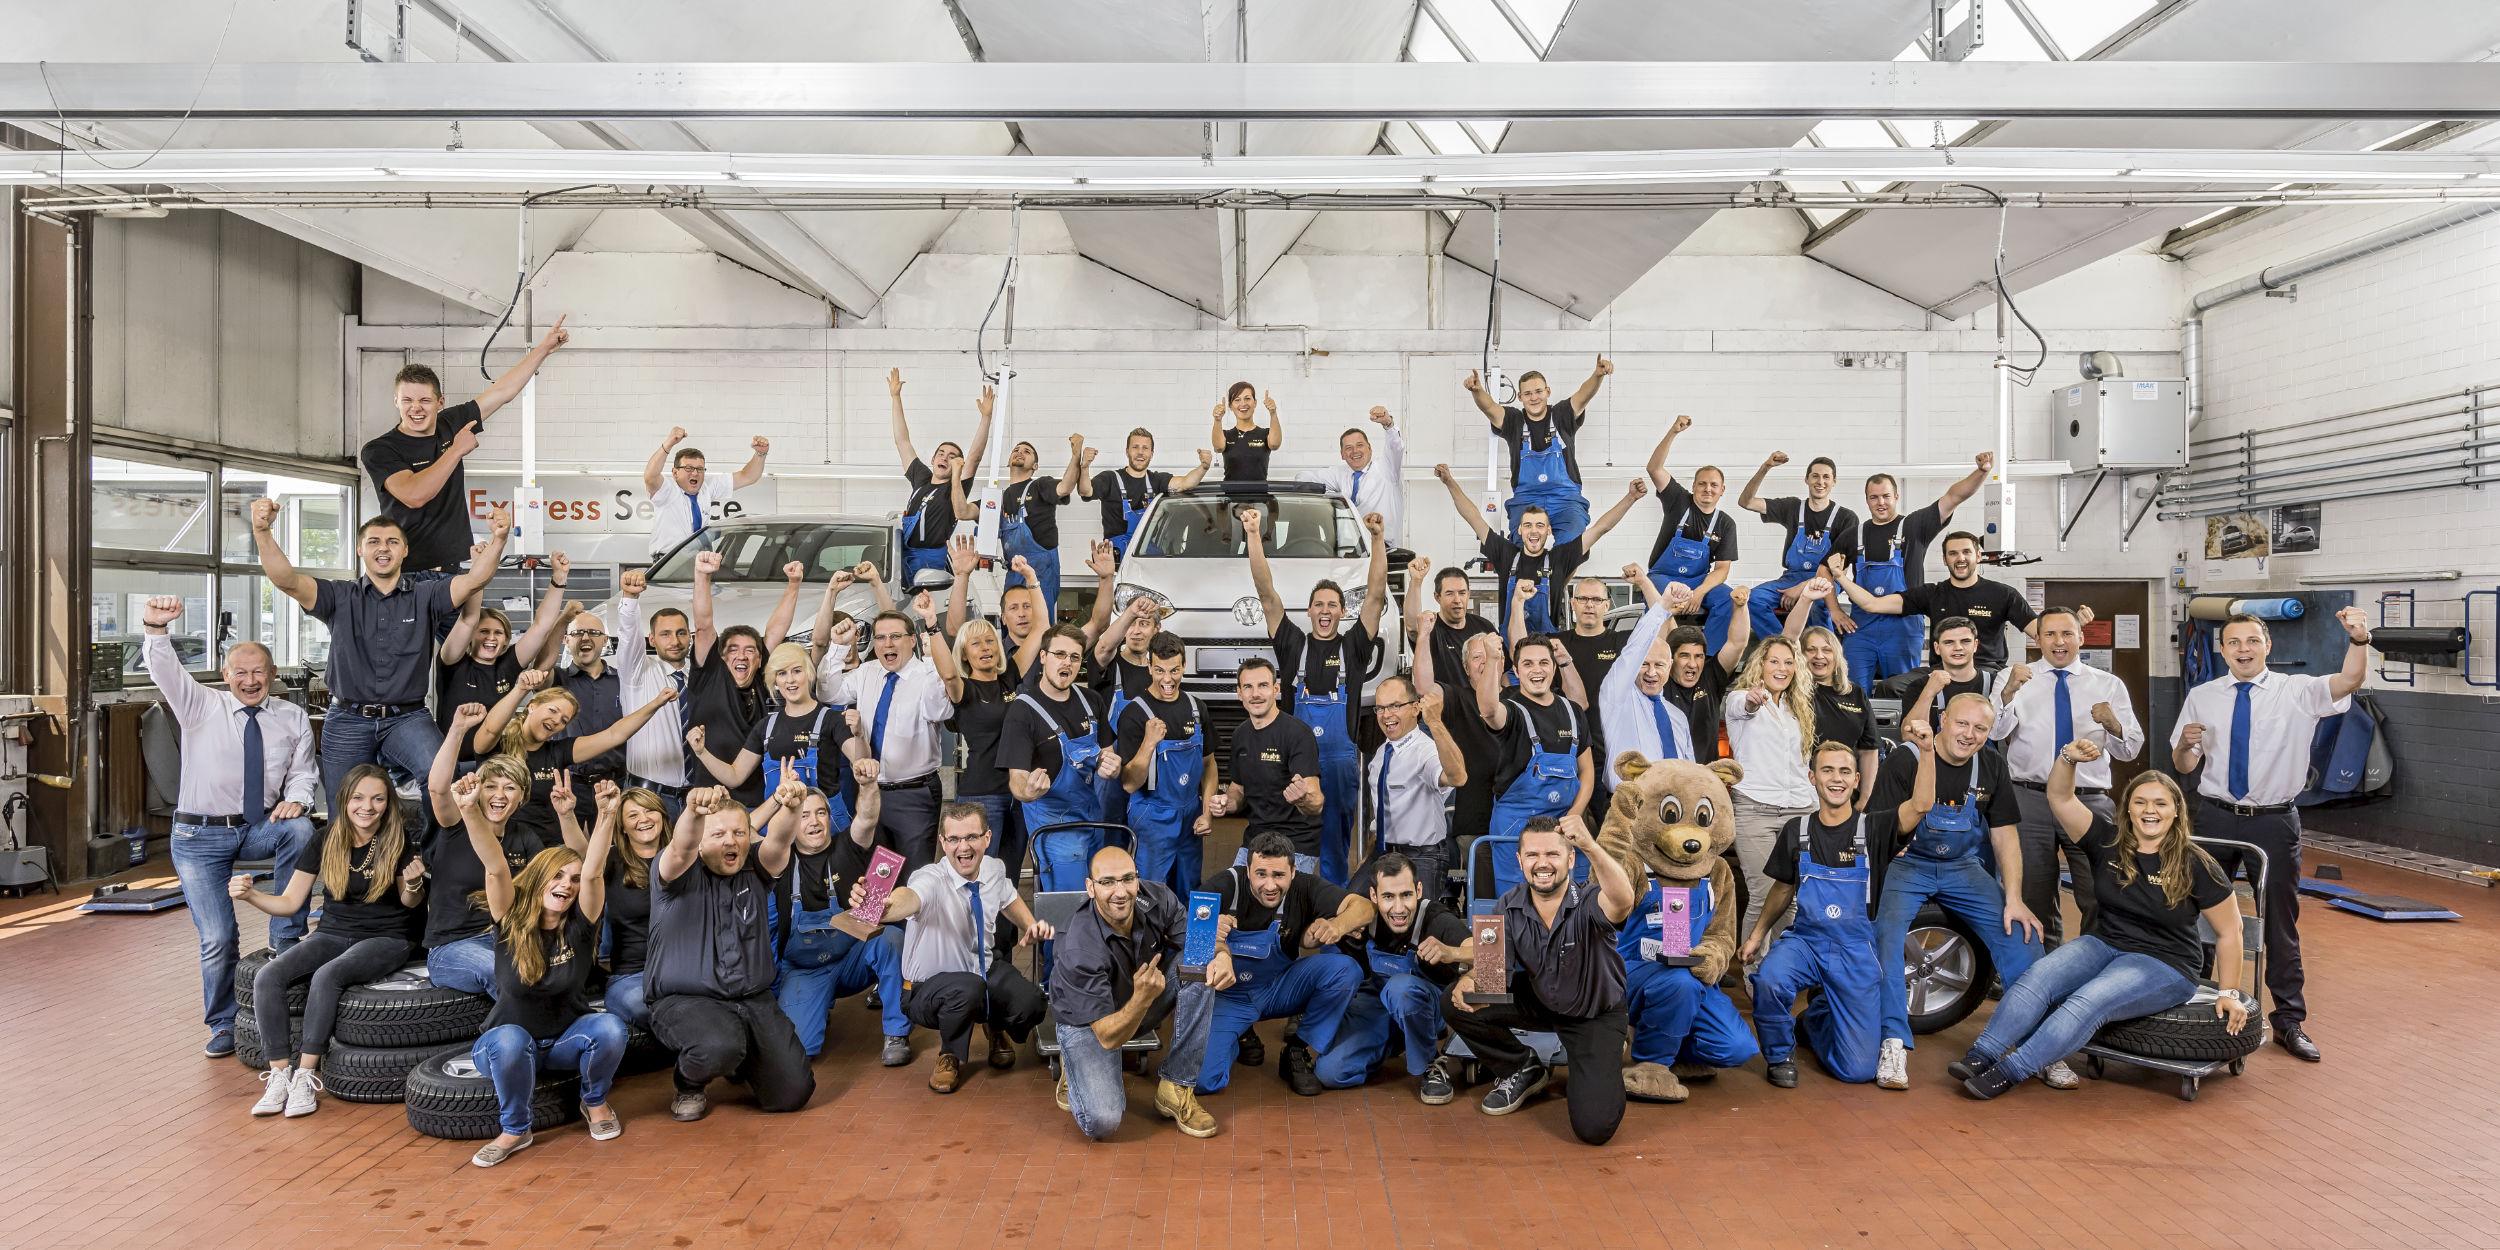 Mitarbeiter Fotografie Stuttgart und Umgebung Mitarbeiterfotos Autohaus Weeber Herrenberg Gruppenbild aller Mitarbeiter in der Werkstatt